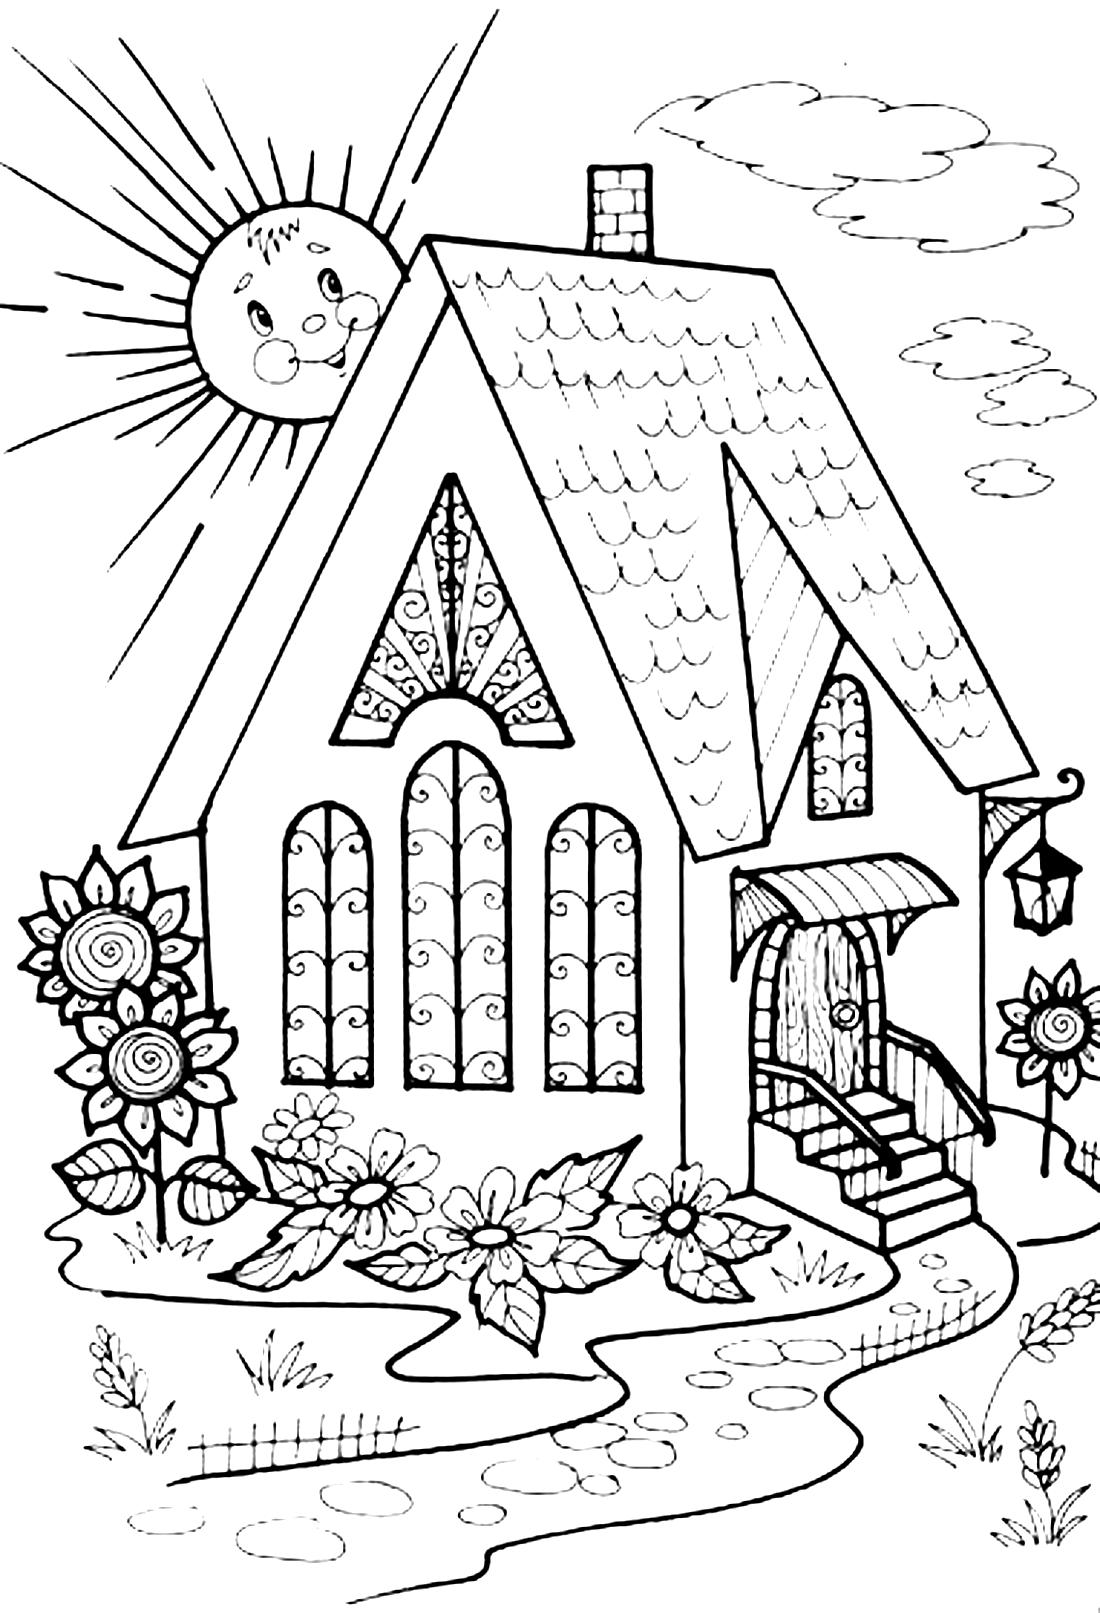 Домик и солнышко - раскраска №9514 | Printonic.ru